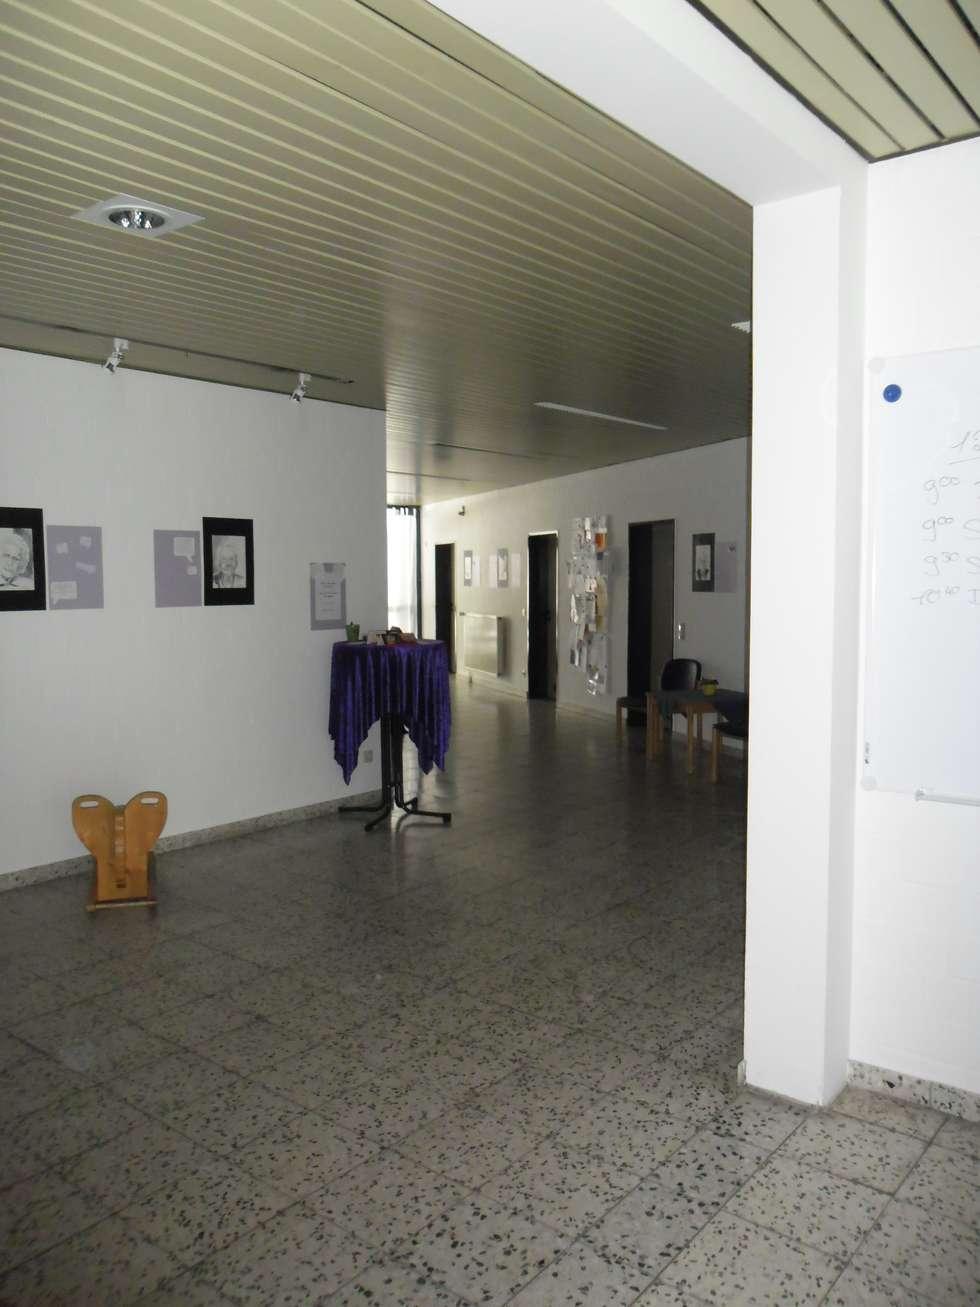 Ausstellungsflur in Bildungseinrichtung- Vorher:  Veranstaltungsorte von INTERIORDESIGN - Jedes Geschäft braucht ein Gesicht. Jede Wohnung eine Seele